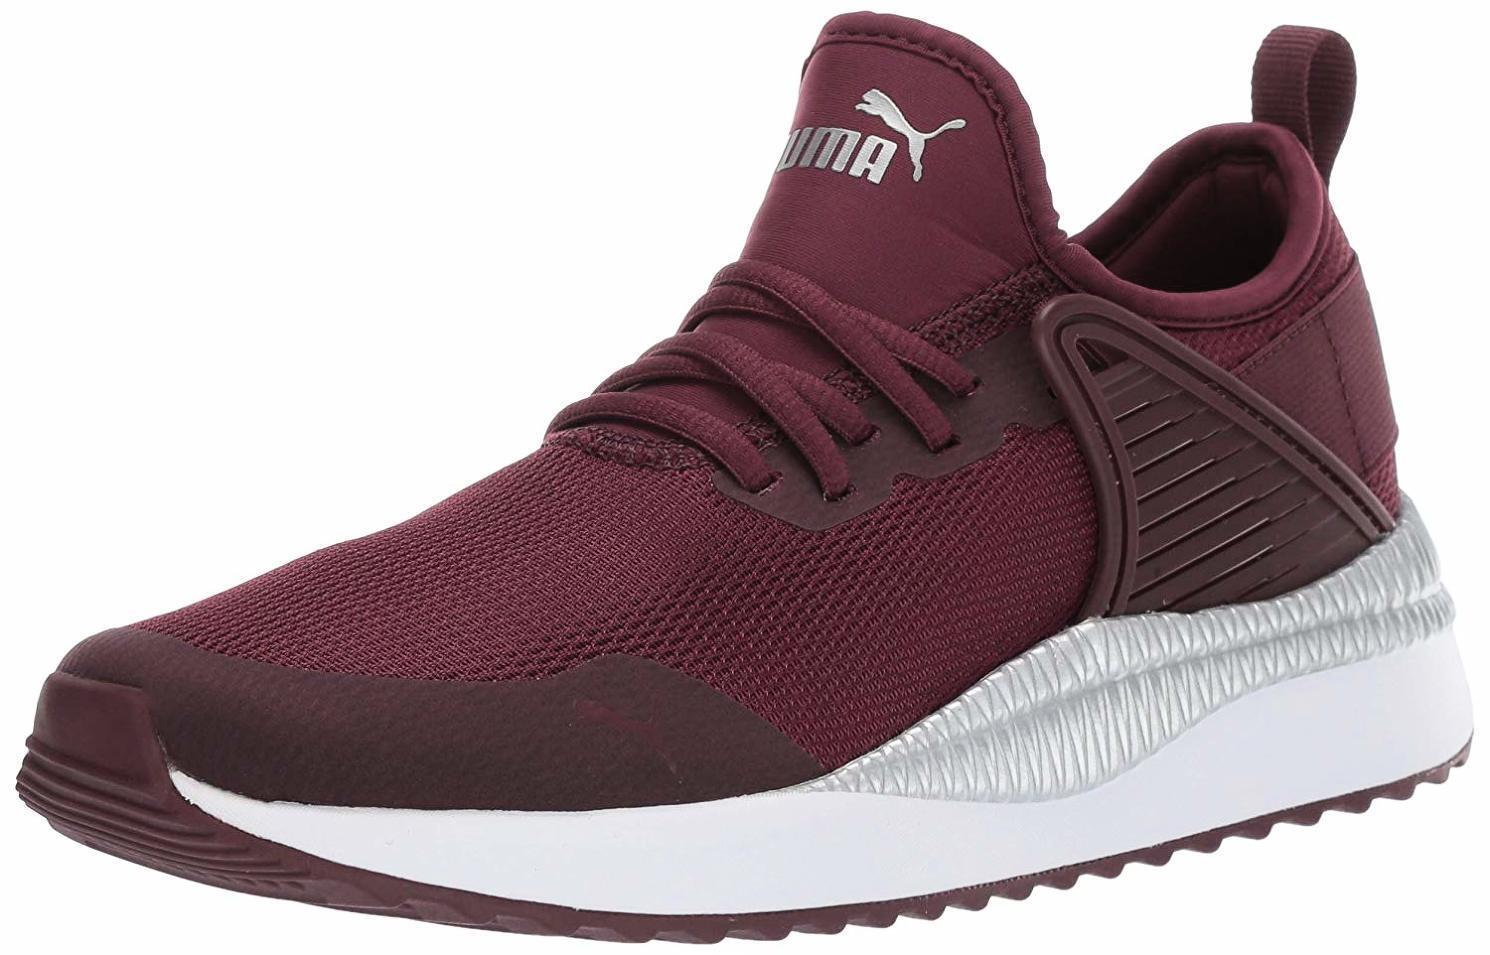 Puma frauen käfig der nächste käfig frauen sneaker - menü sz / farbe f75596